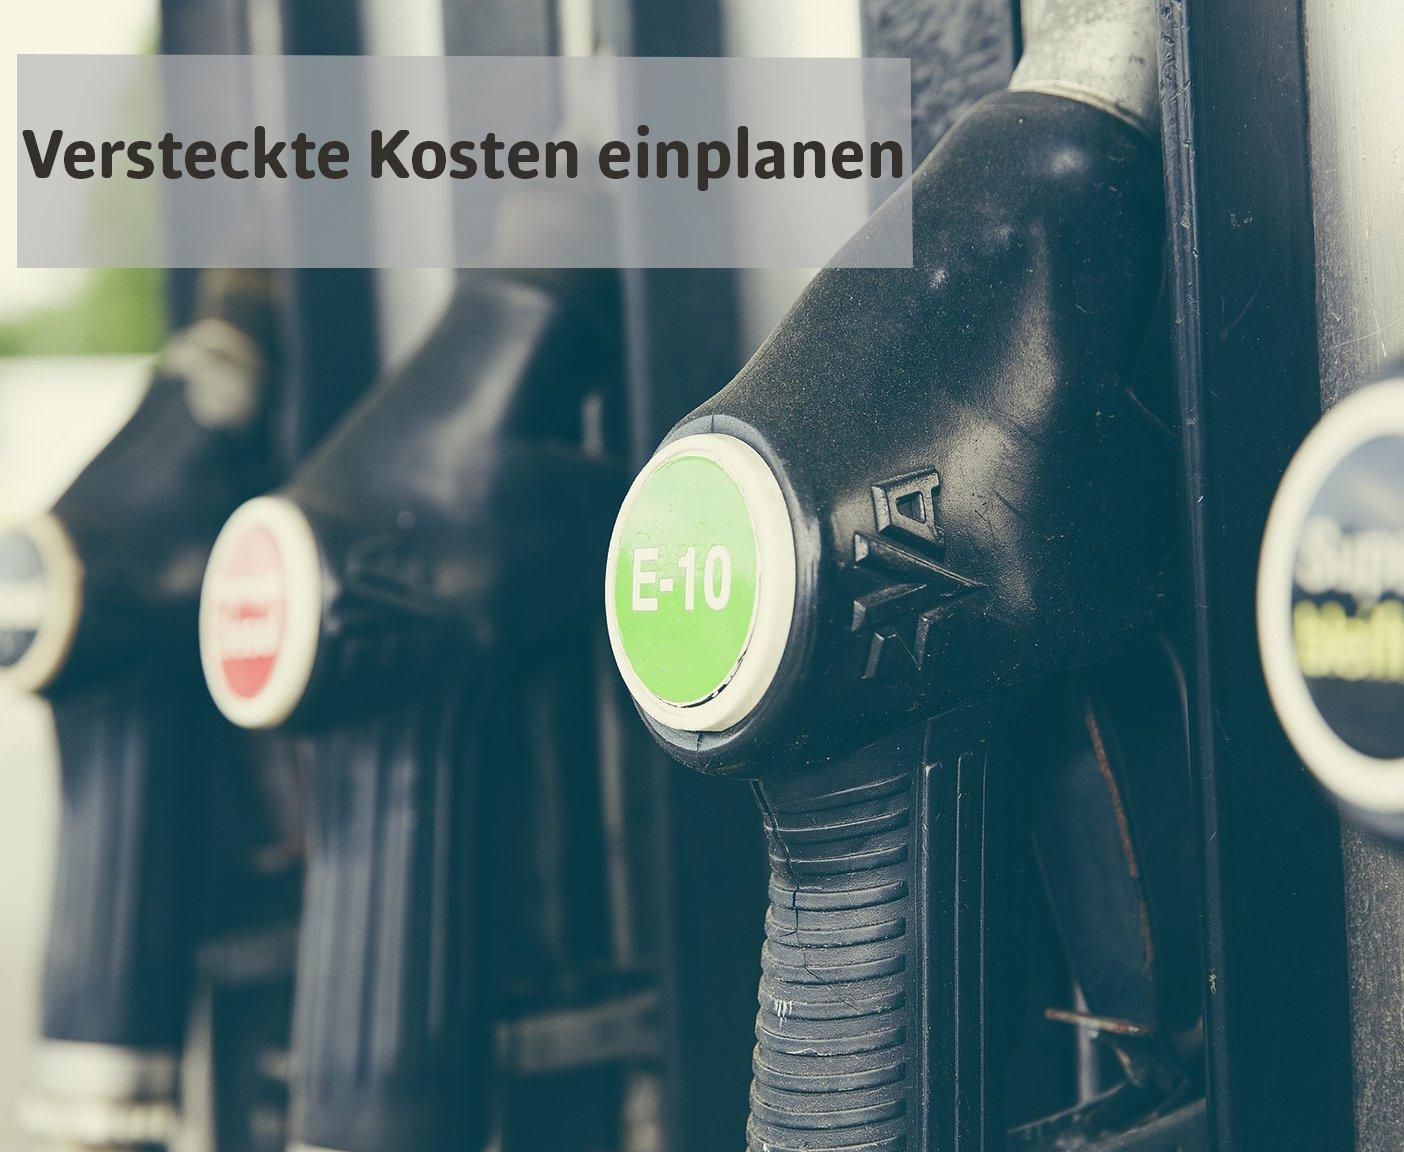 VW Bus mieten Schriftzug versteckte Kosten einplanen mit Tankstelle